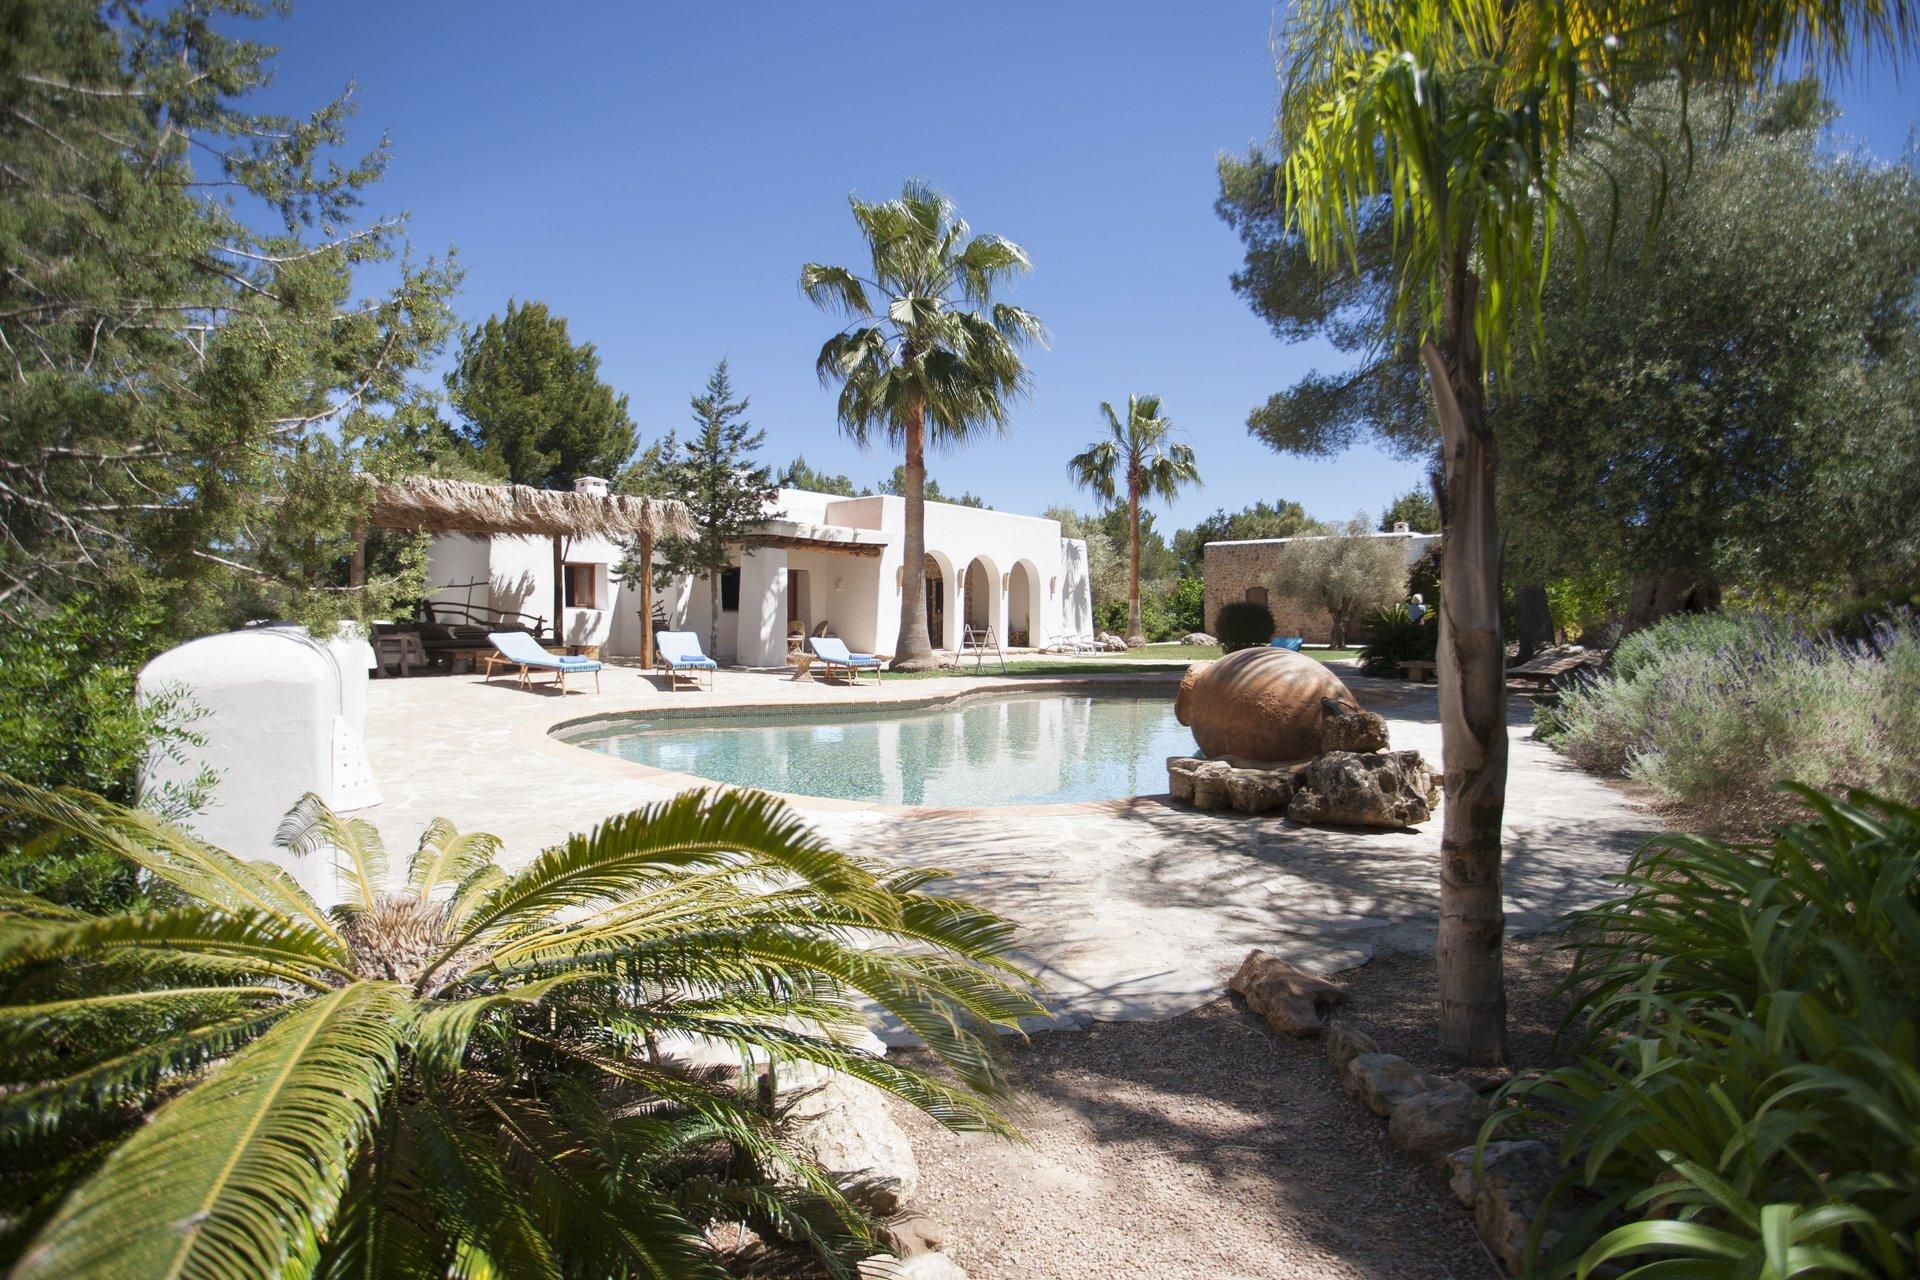 The Best Yoga Retreats in Europe - Yogarosa Ibiza